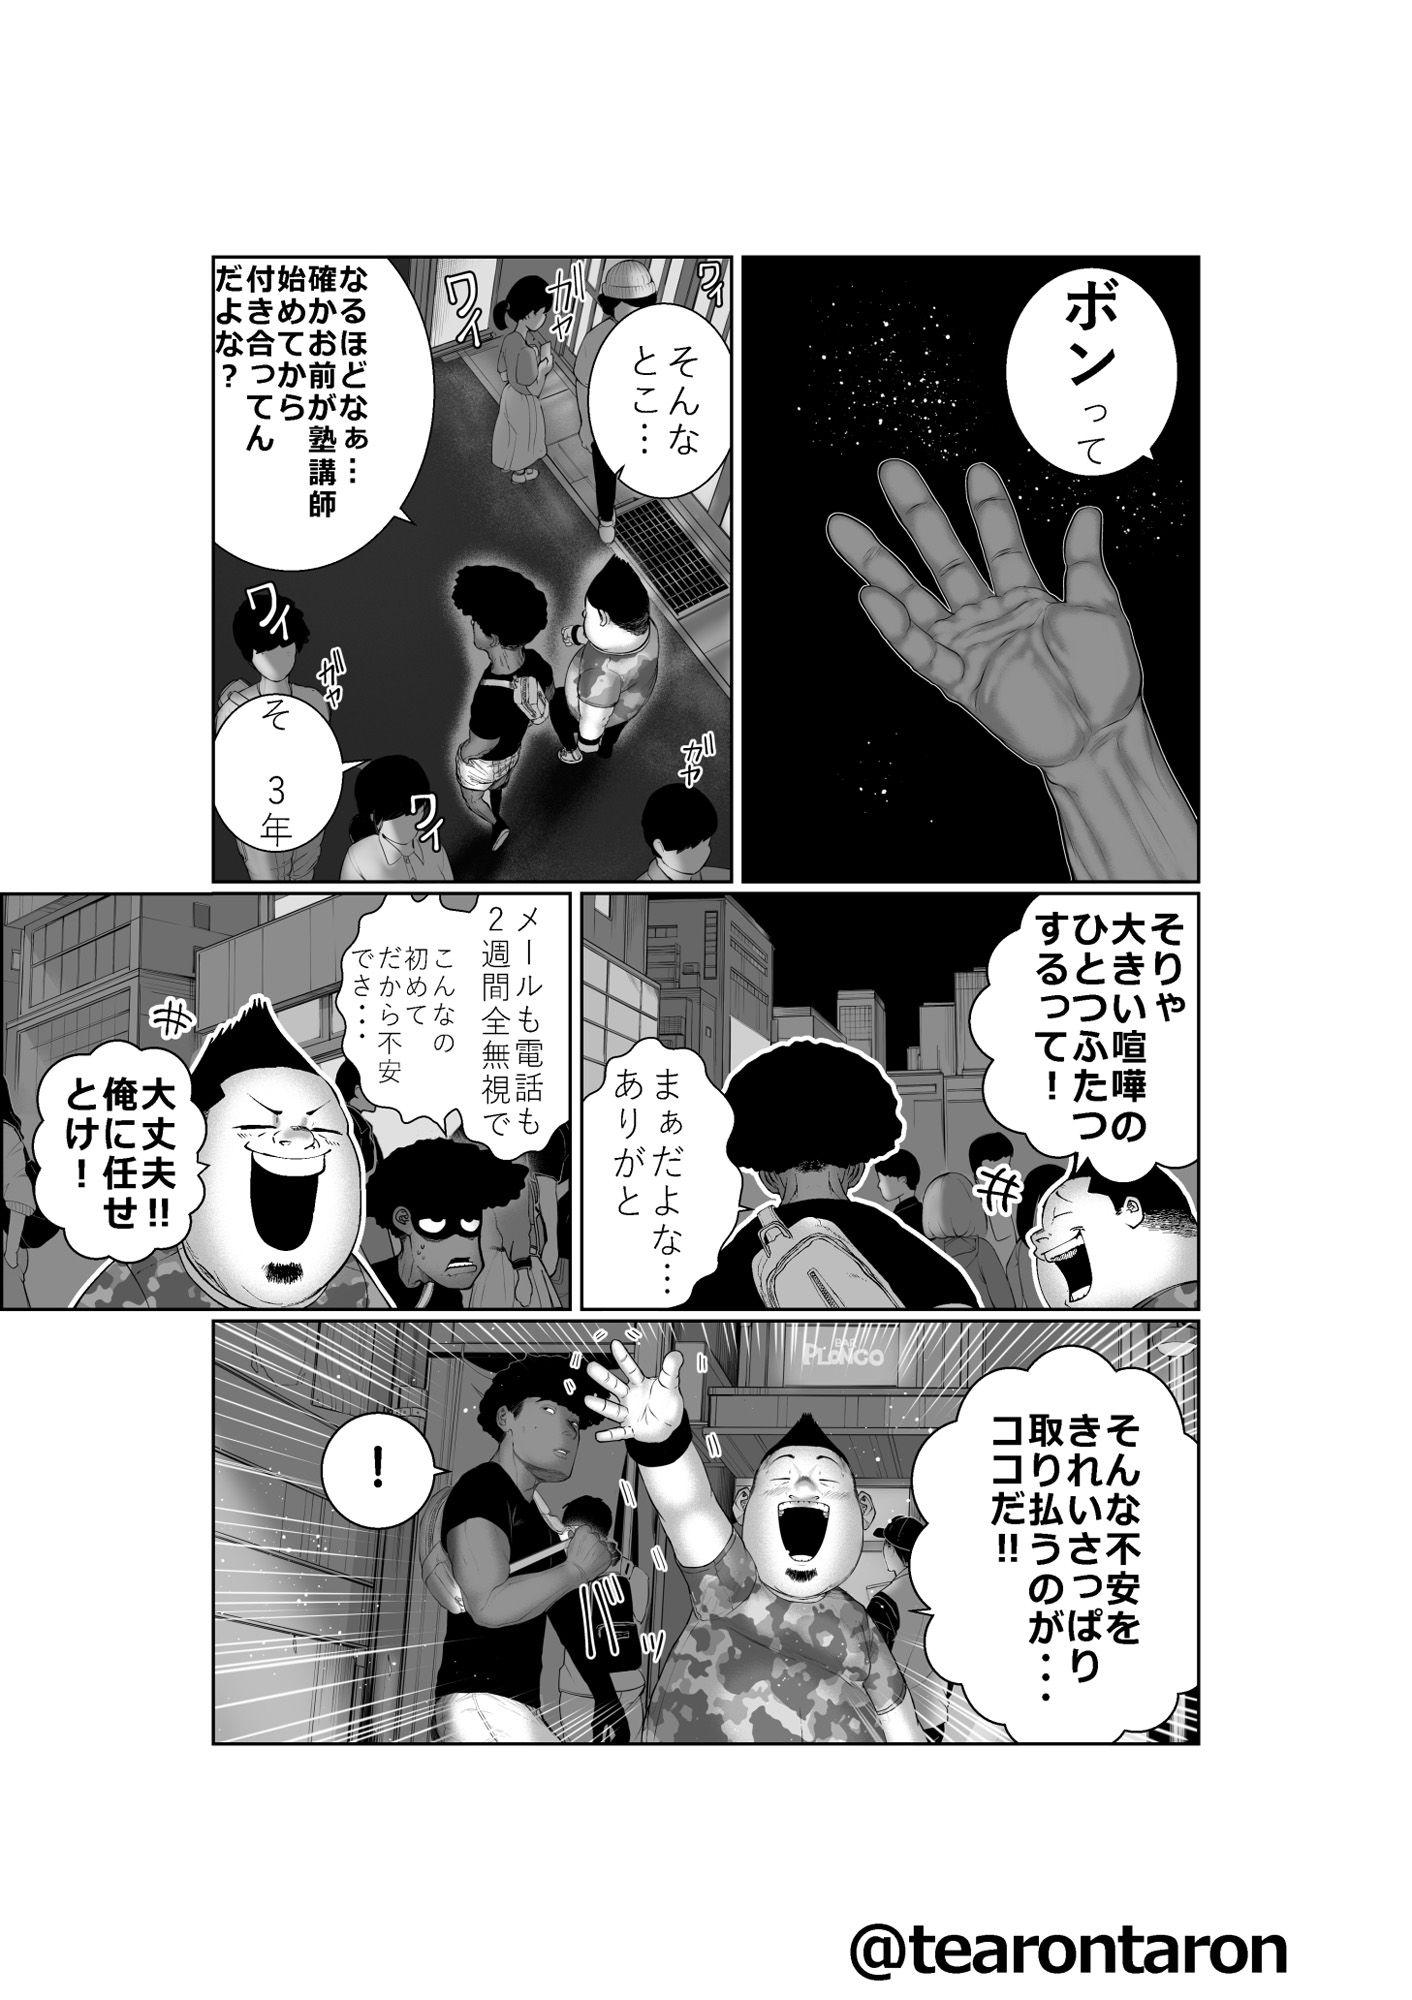 サンプル画像3:ブレーキランプ5回点滅(上)(てぃーろんたろん) [d_200179]